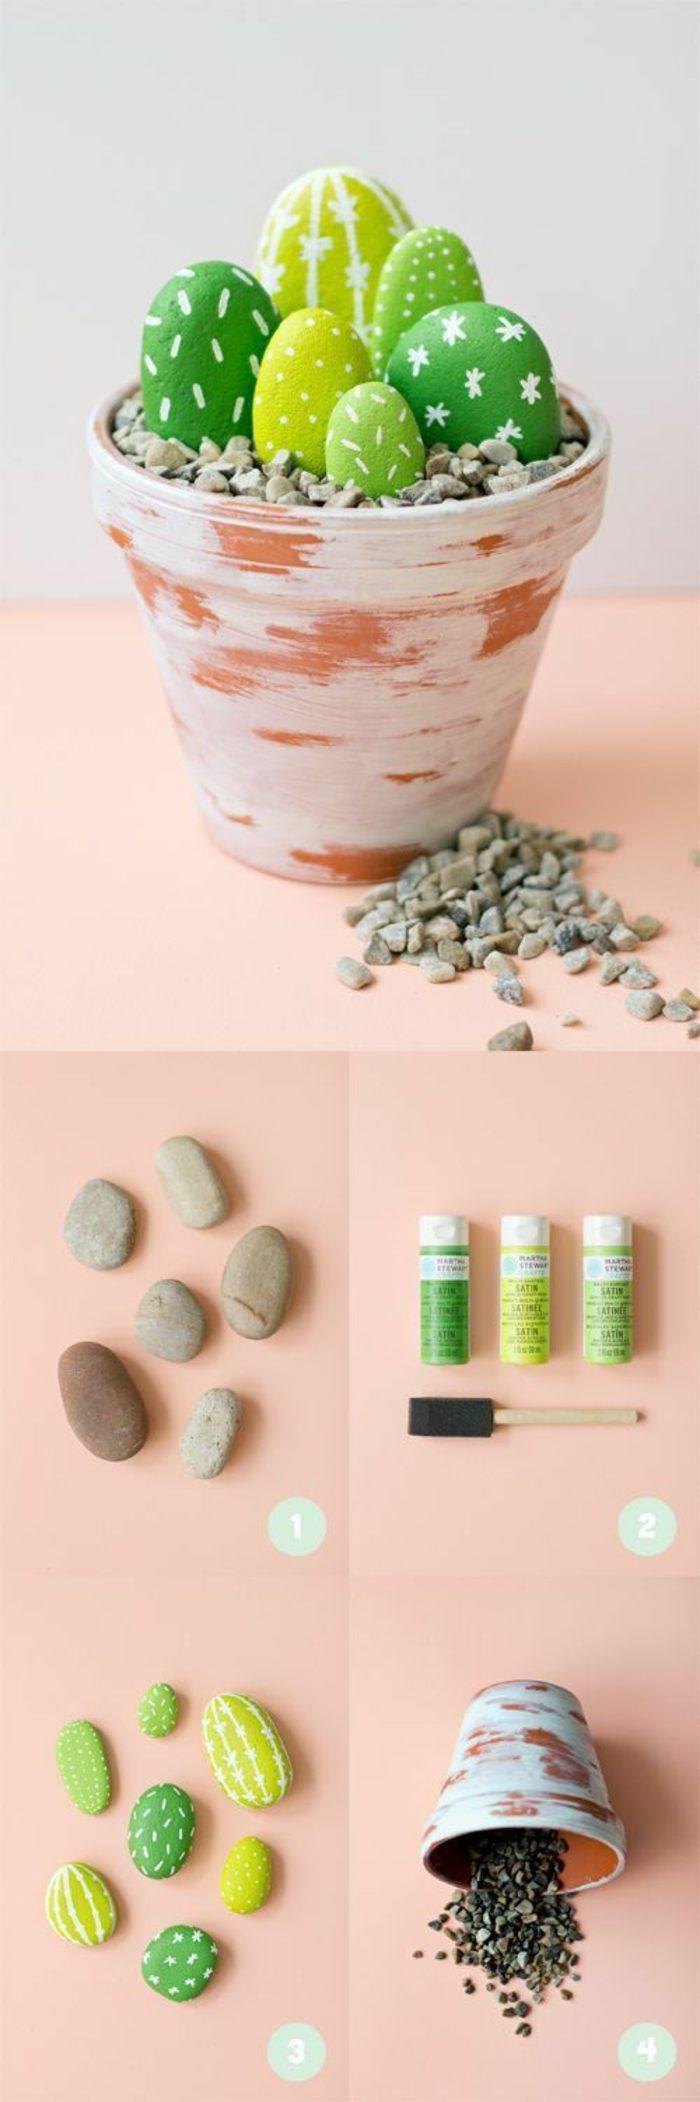 03-manualidades-originales-olla-pintada-en-blanco-y-decorada-con-piedras-pintadas-como-cactus